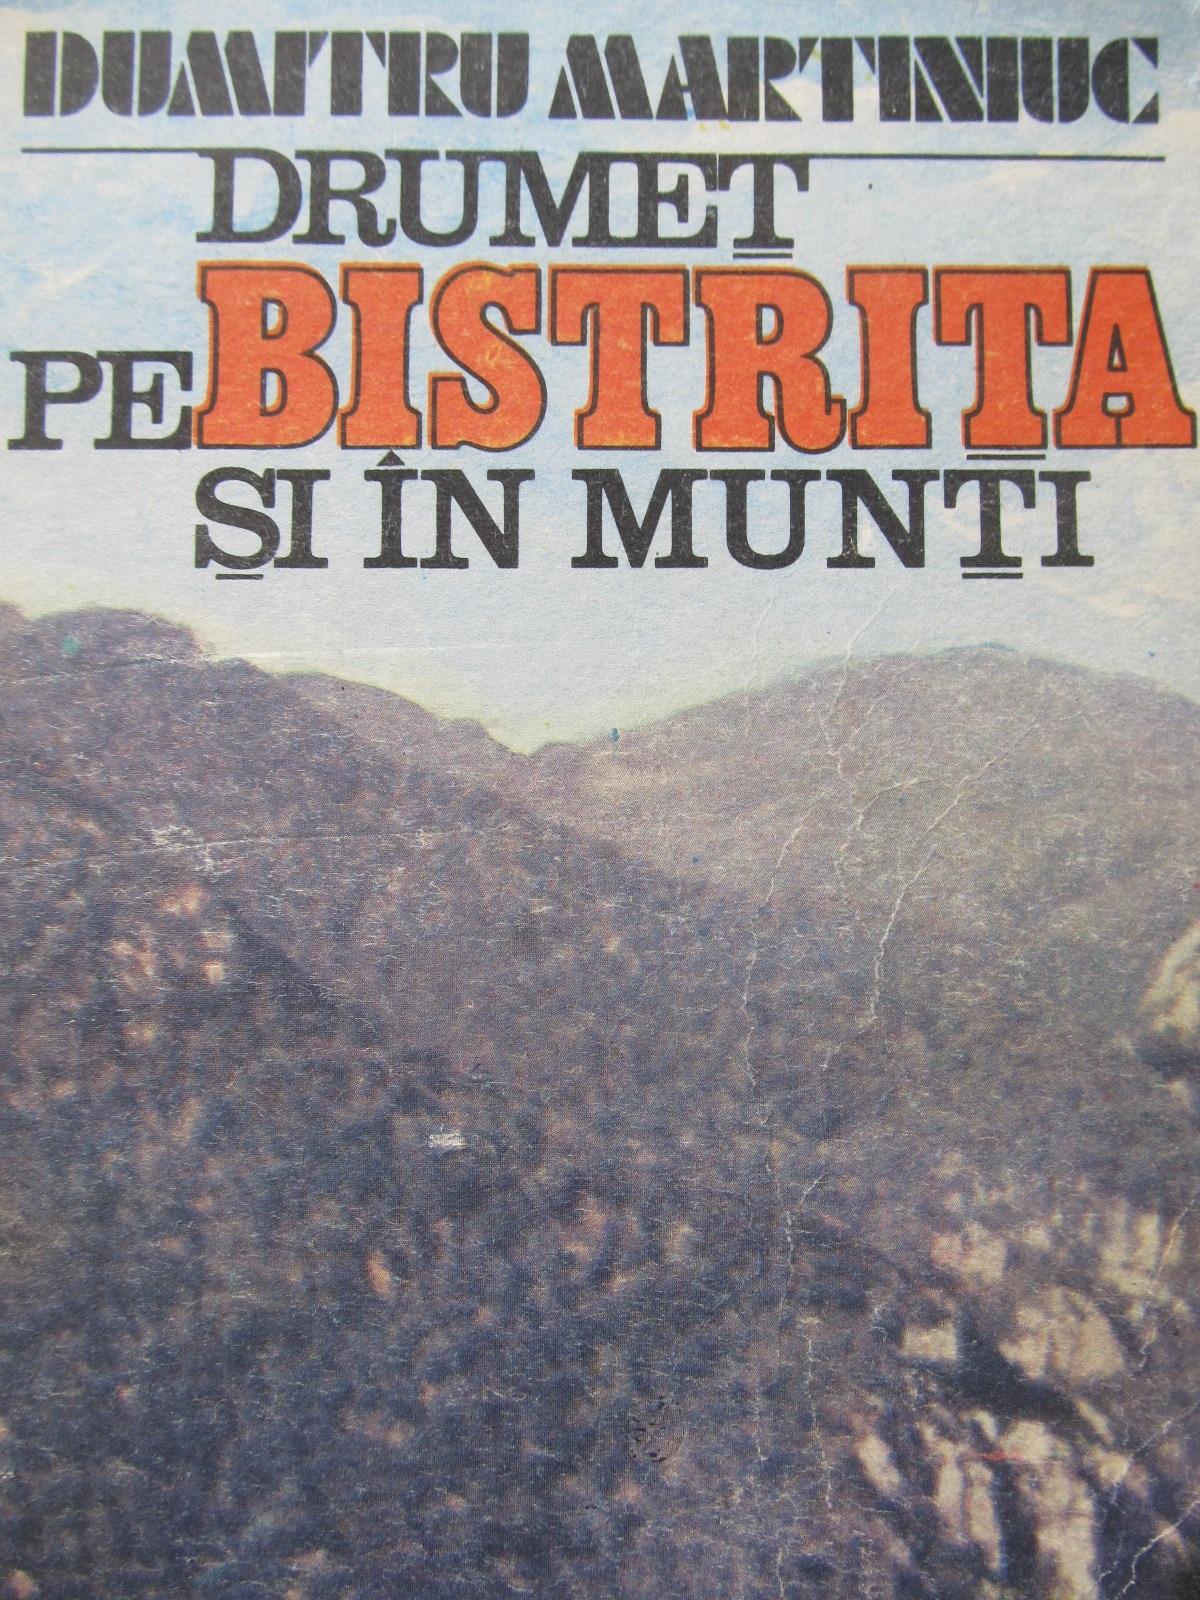 Drumet pe Bistrita si in munti - Dumitru Martiniuc | Detalii carte